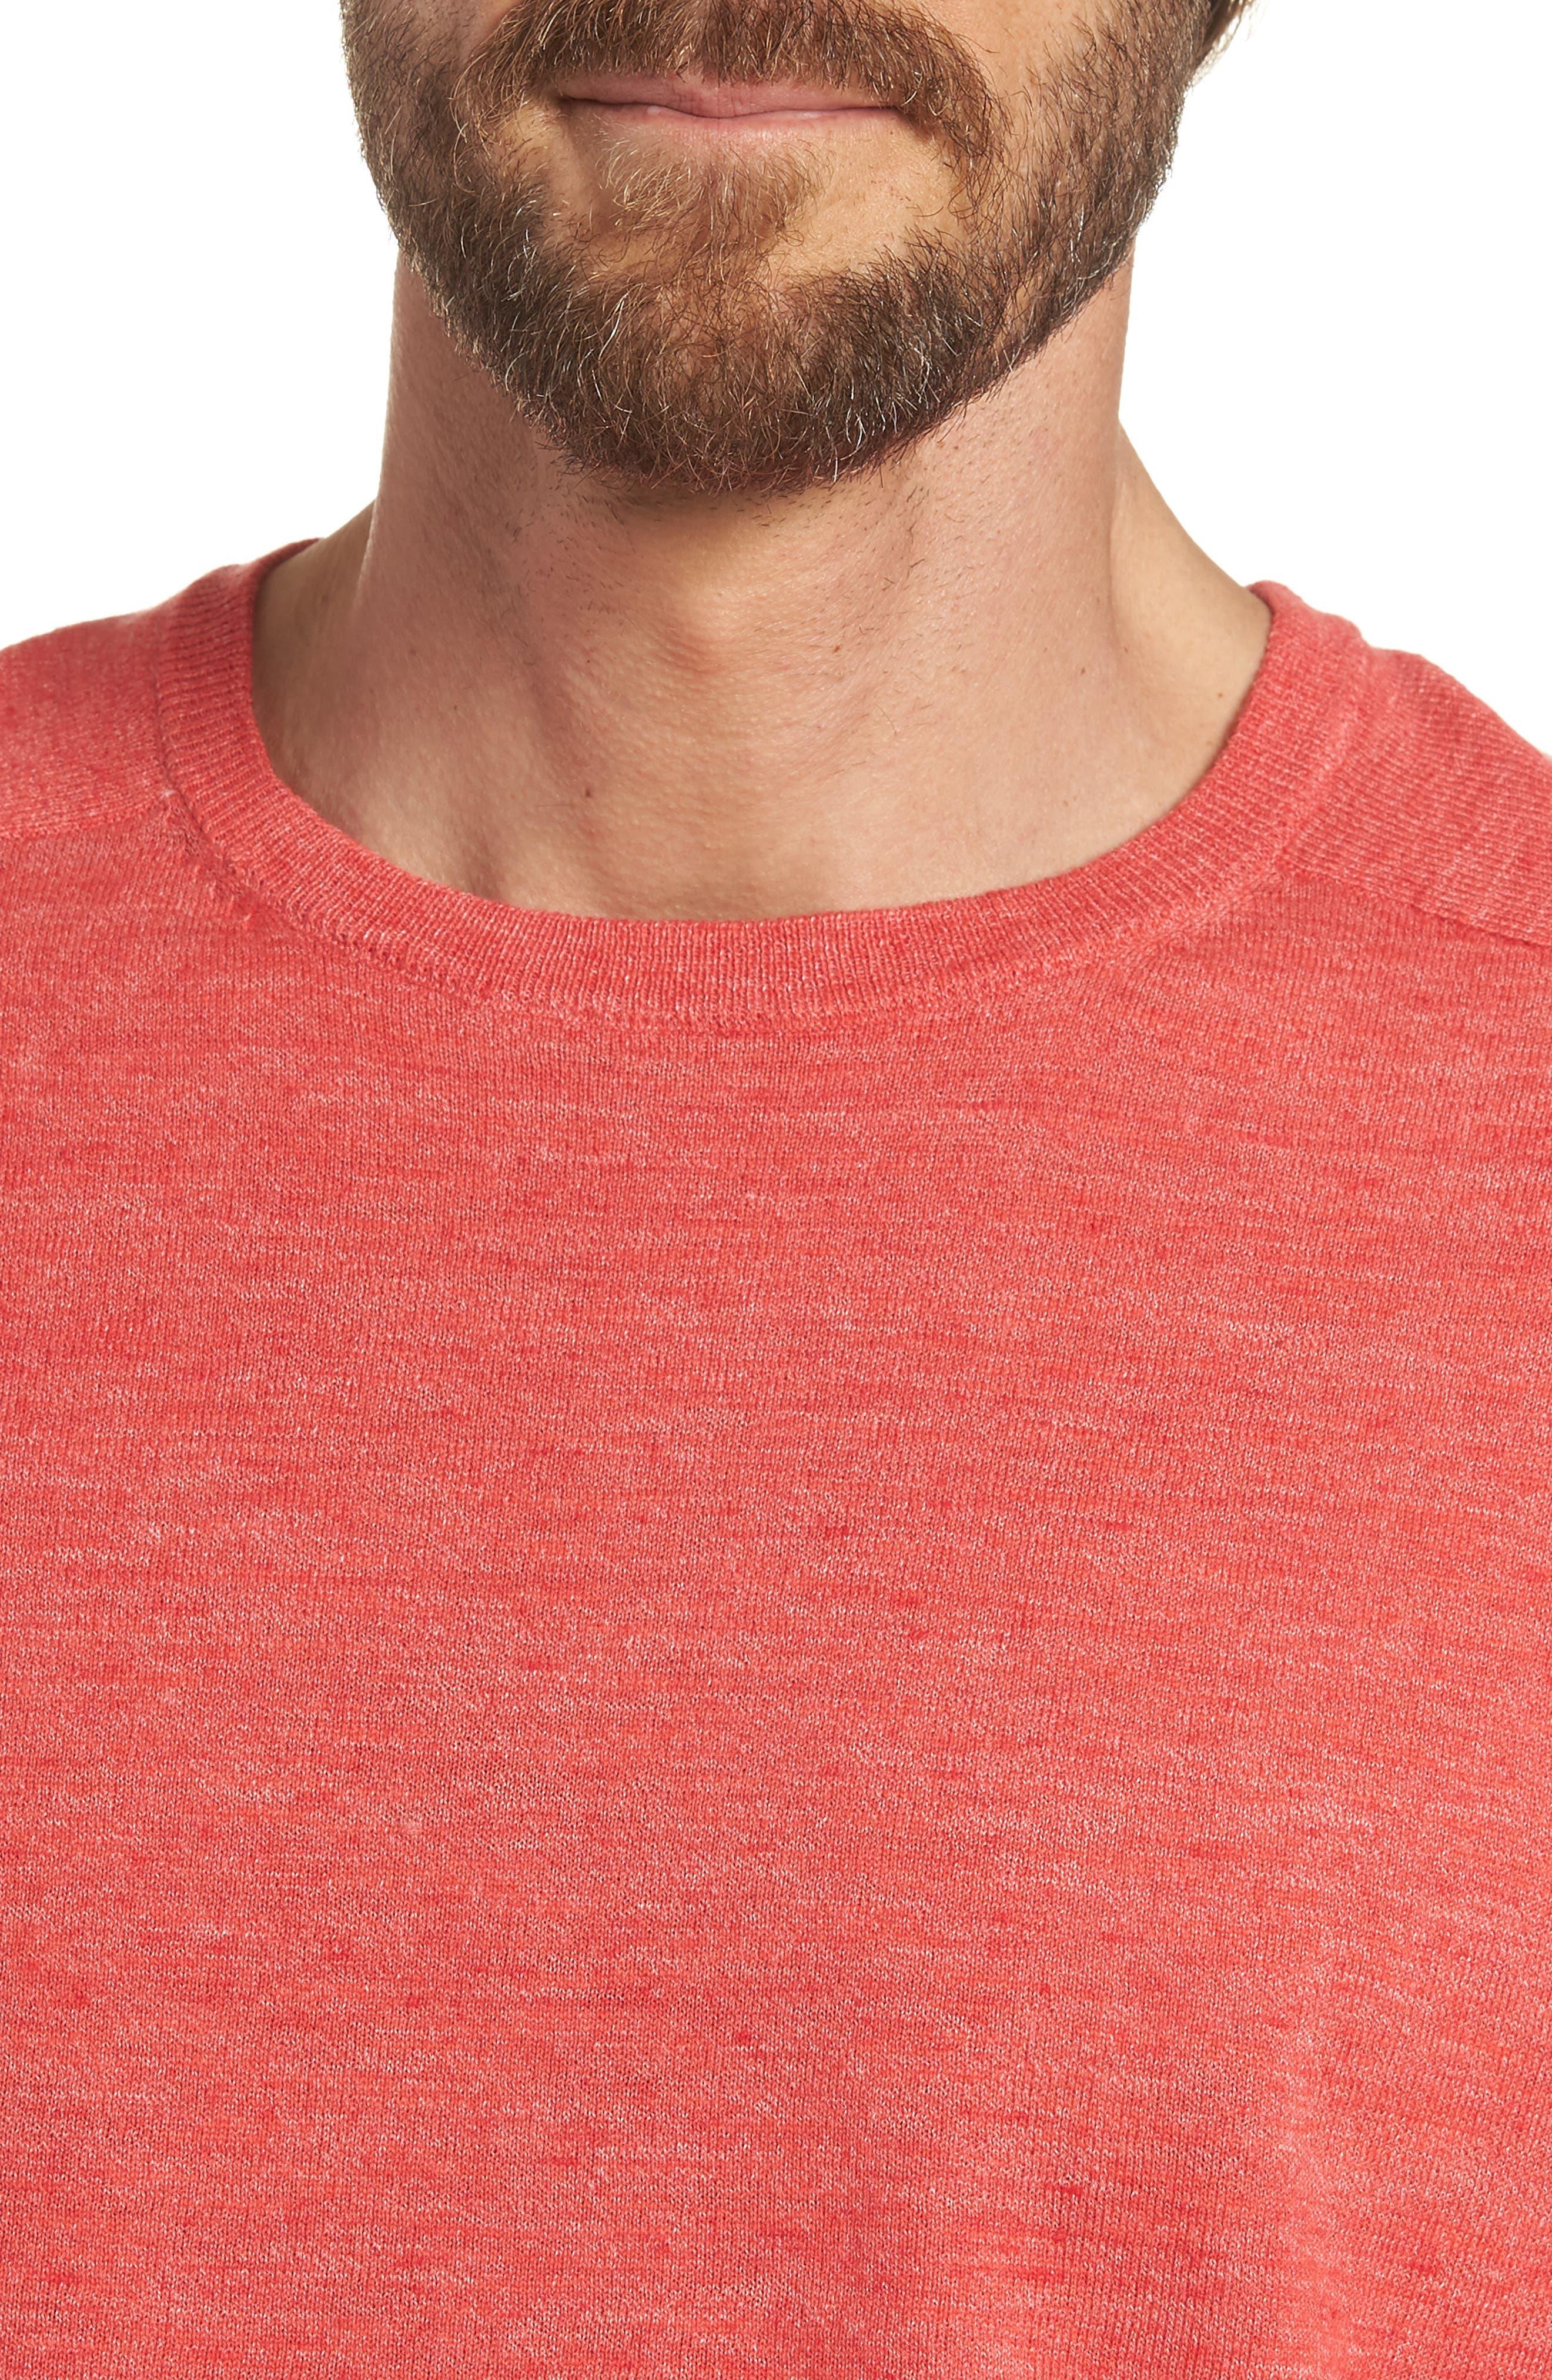 Cotton Blend Crewneck Sweater,                             Alternate thumbnail 16, color,